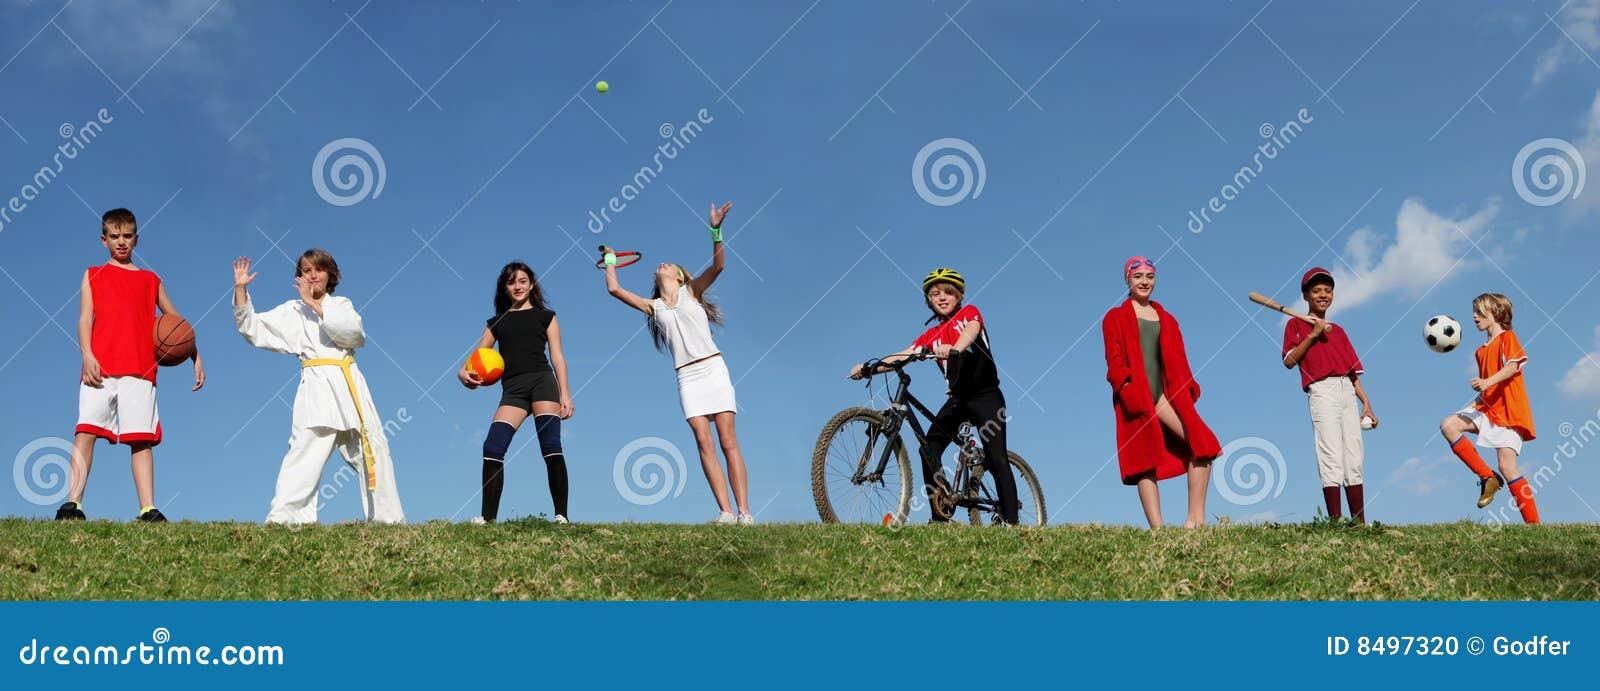 Campeggio estivo di sport dei bambini